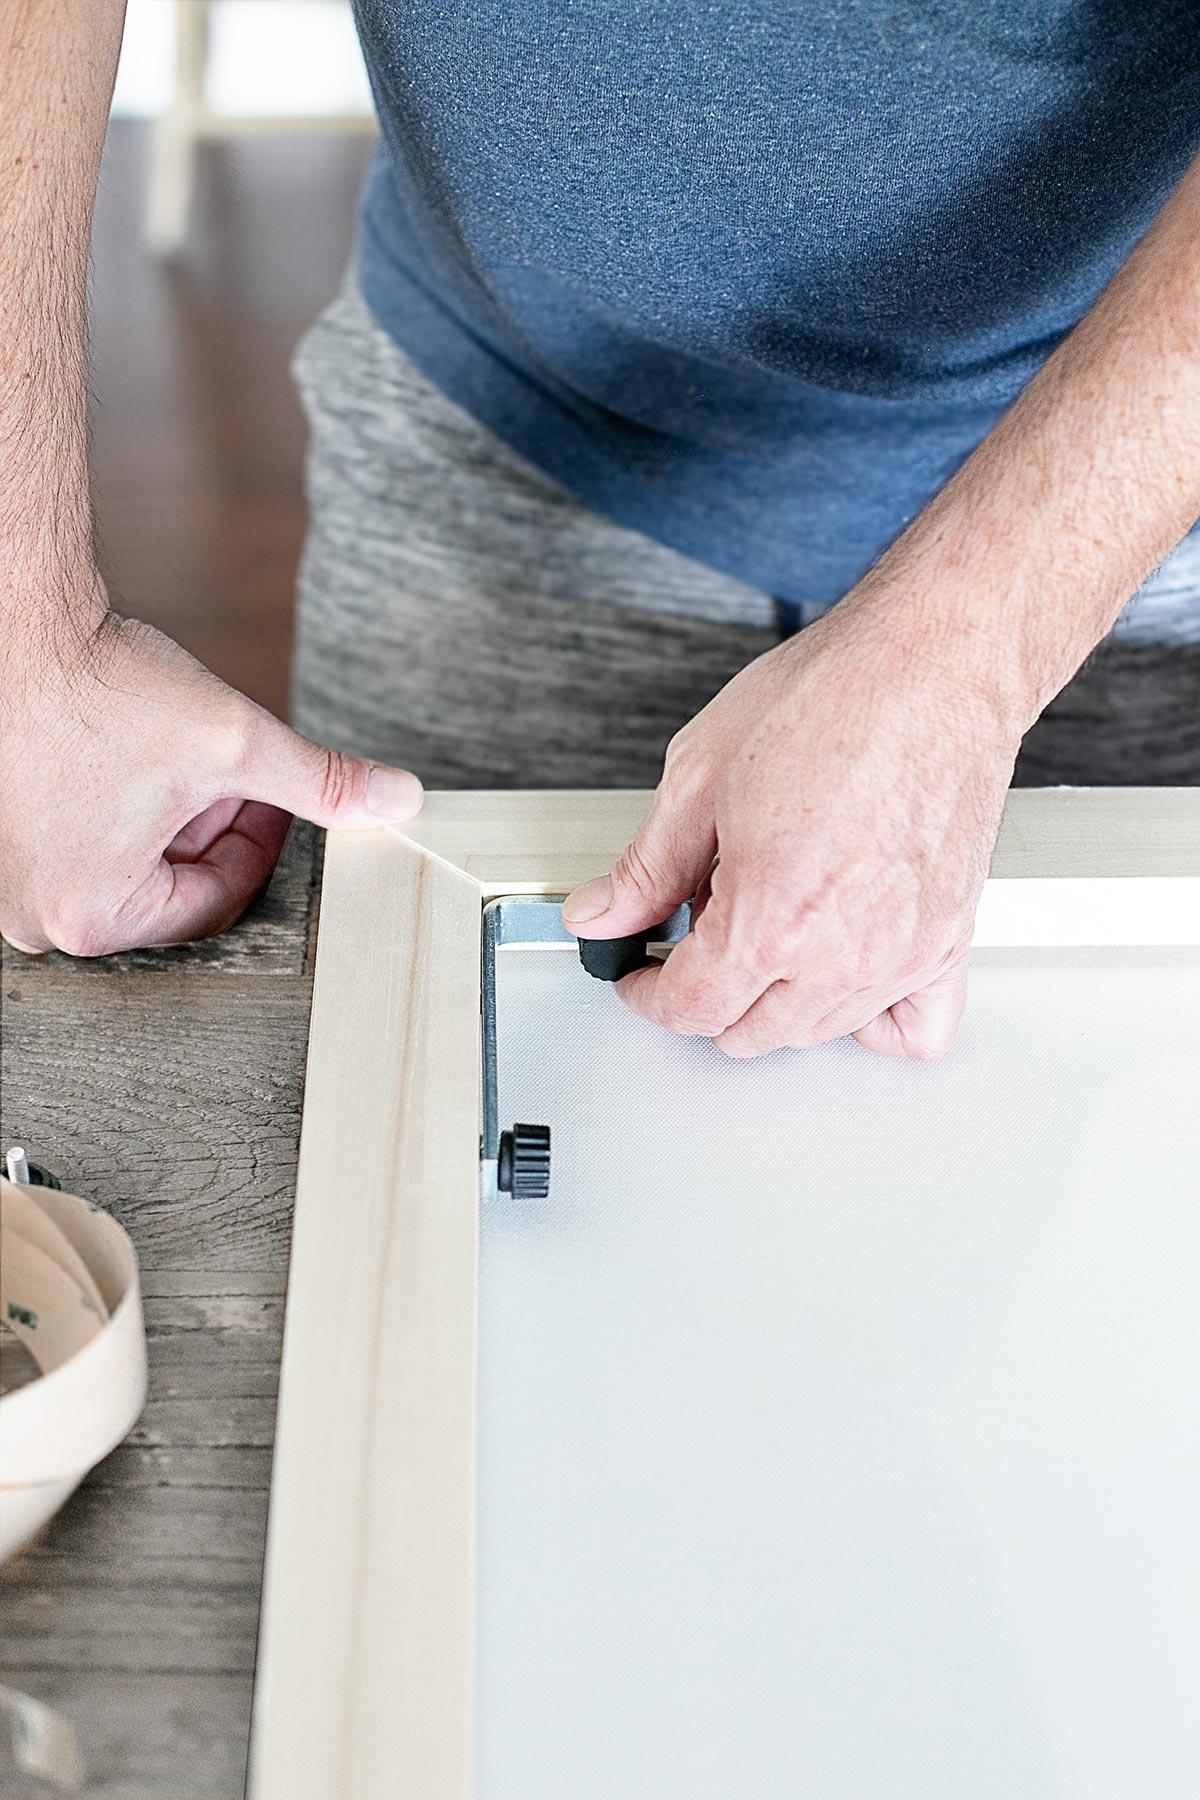 Assembling Canvas